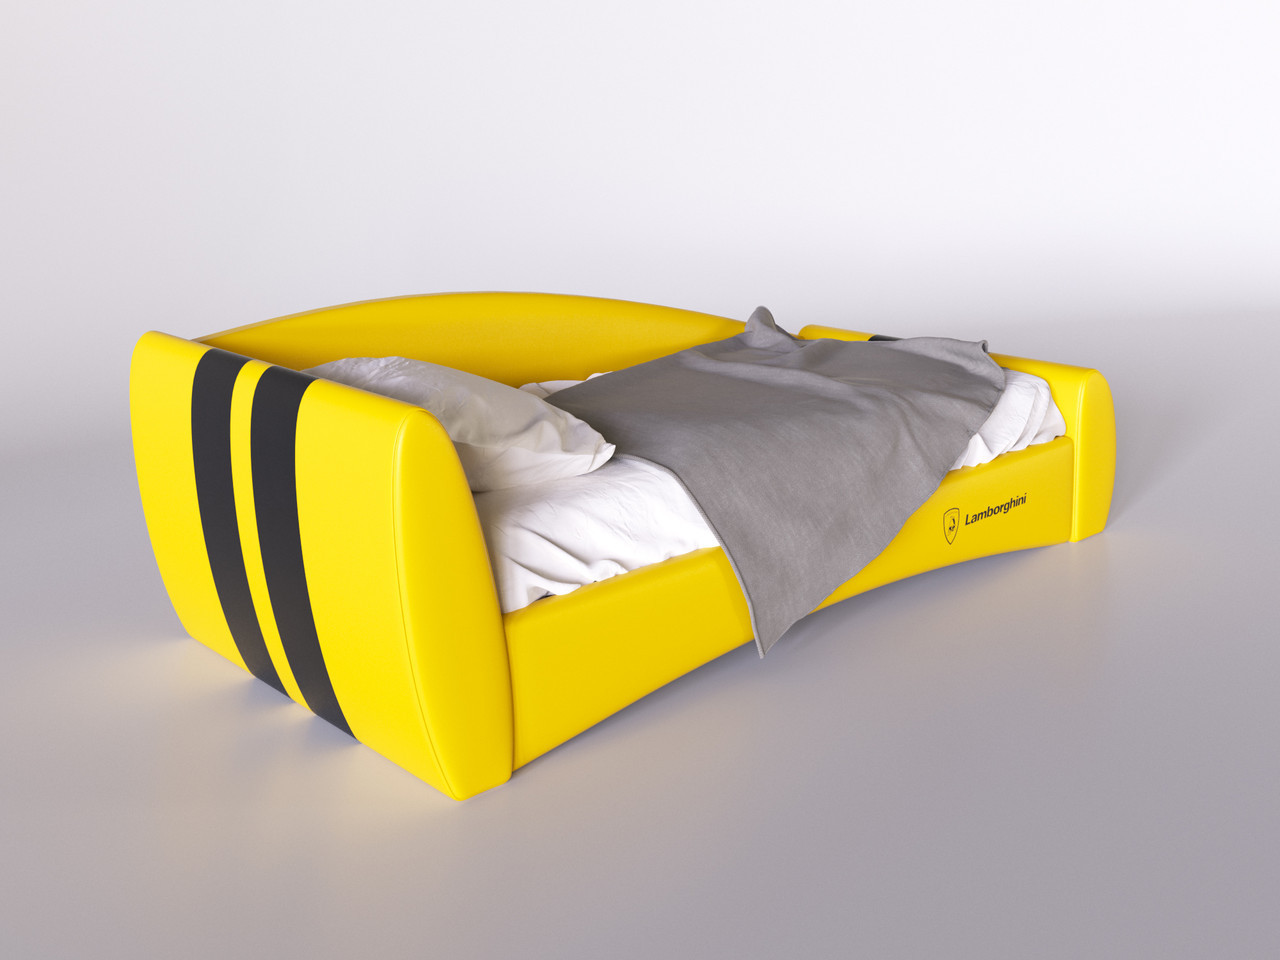 Детская кровать Формула lamborghini 120*200 с подъемным механизмом